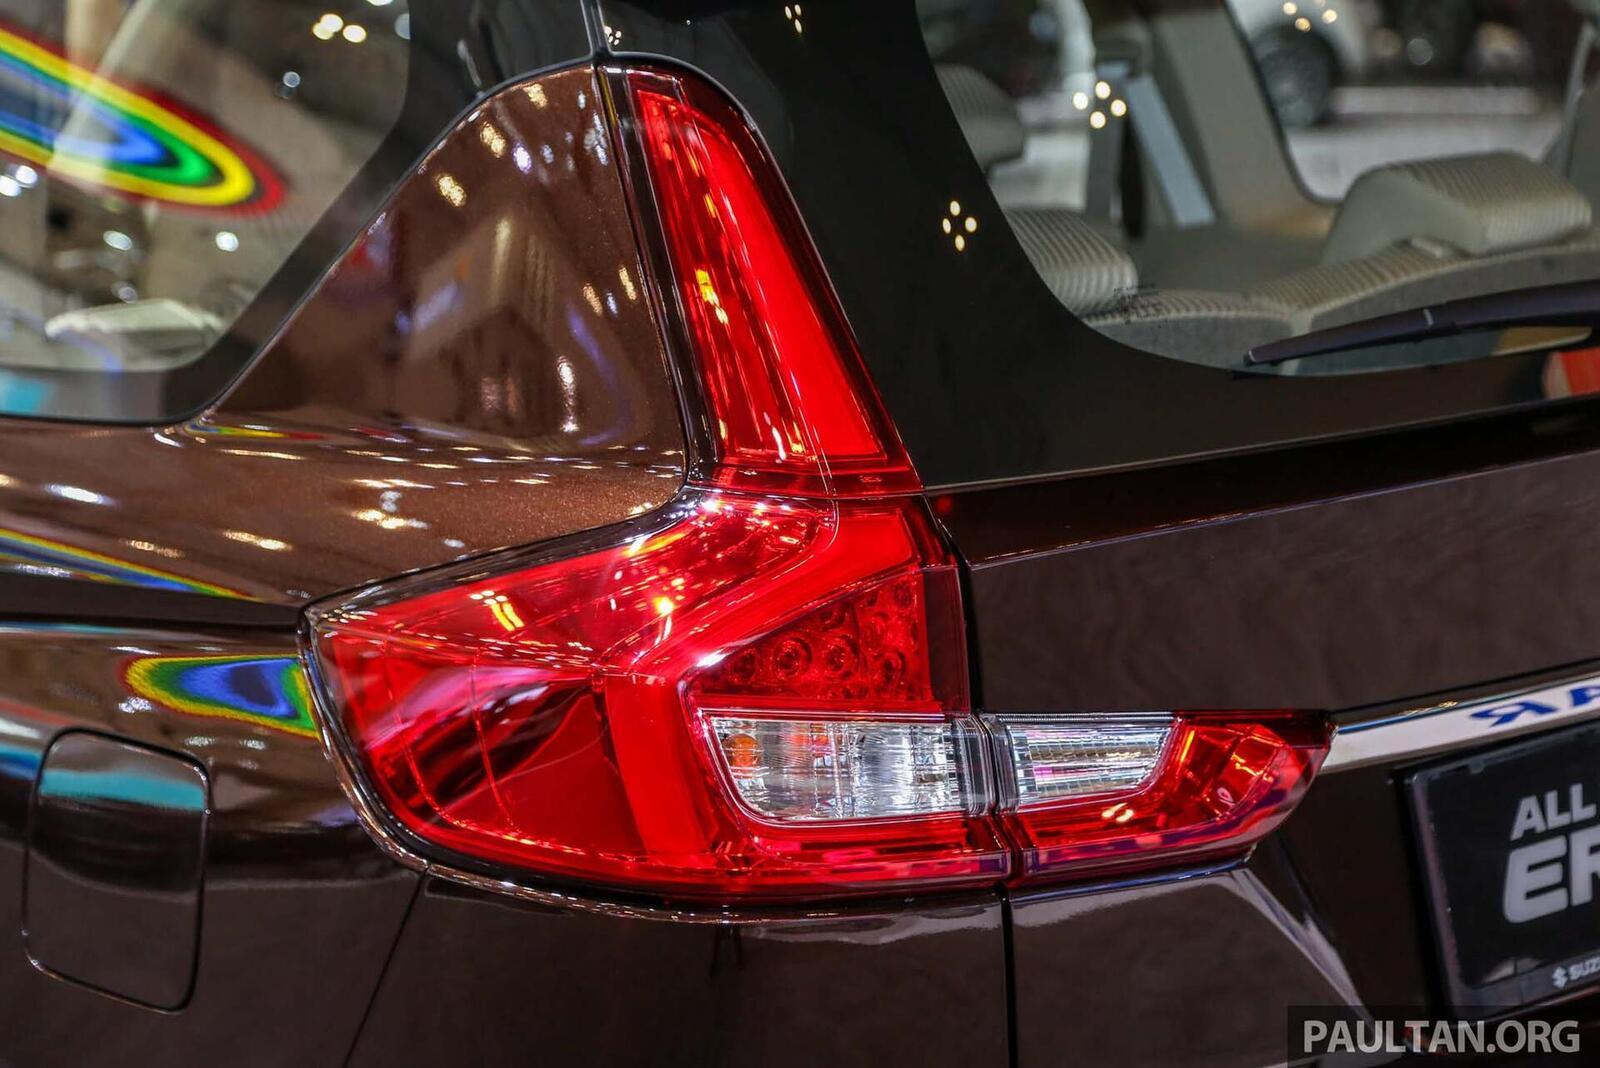 Suzuki Ertiga thế hệ mới có giá từ 486 triệu đồng tại Thái Lan; chưa hẹn ngày về Việt Nam - Hình 3